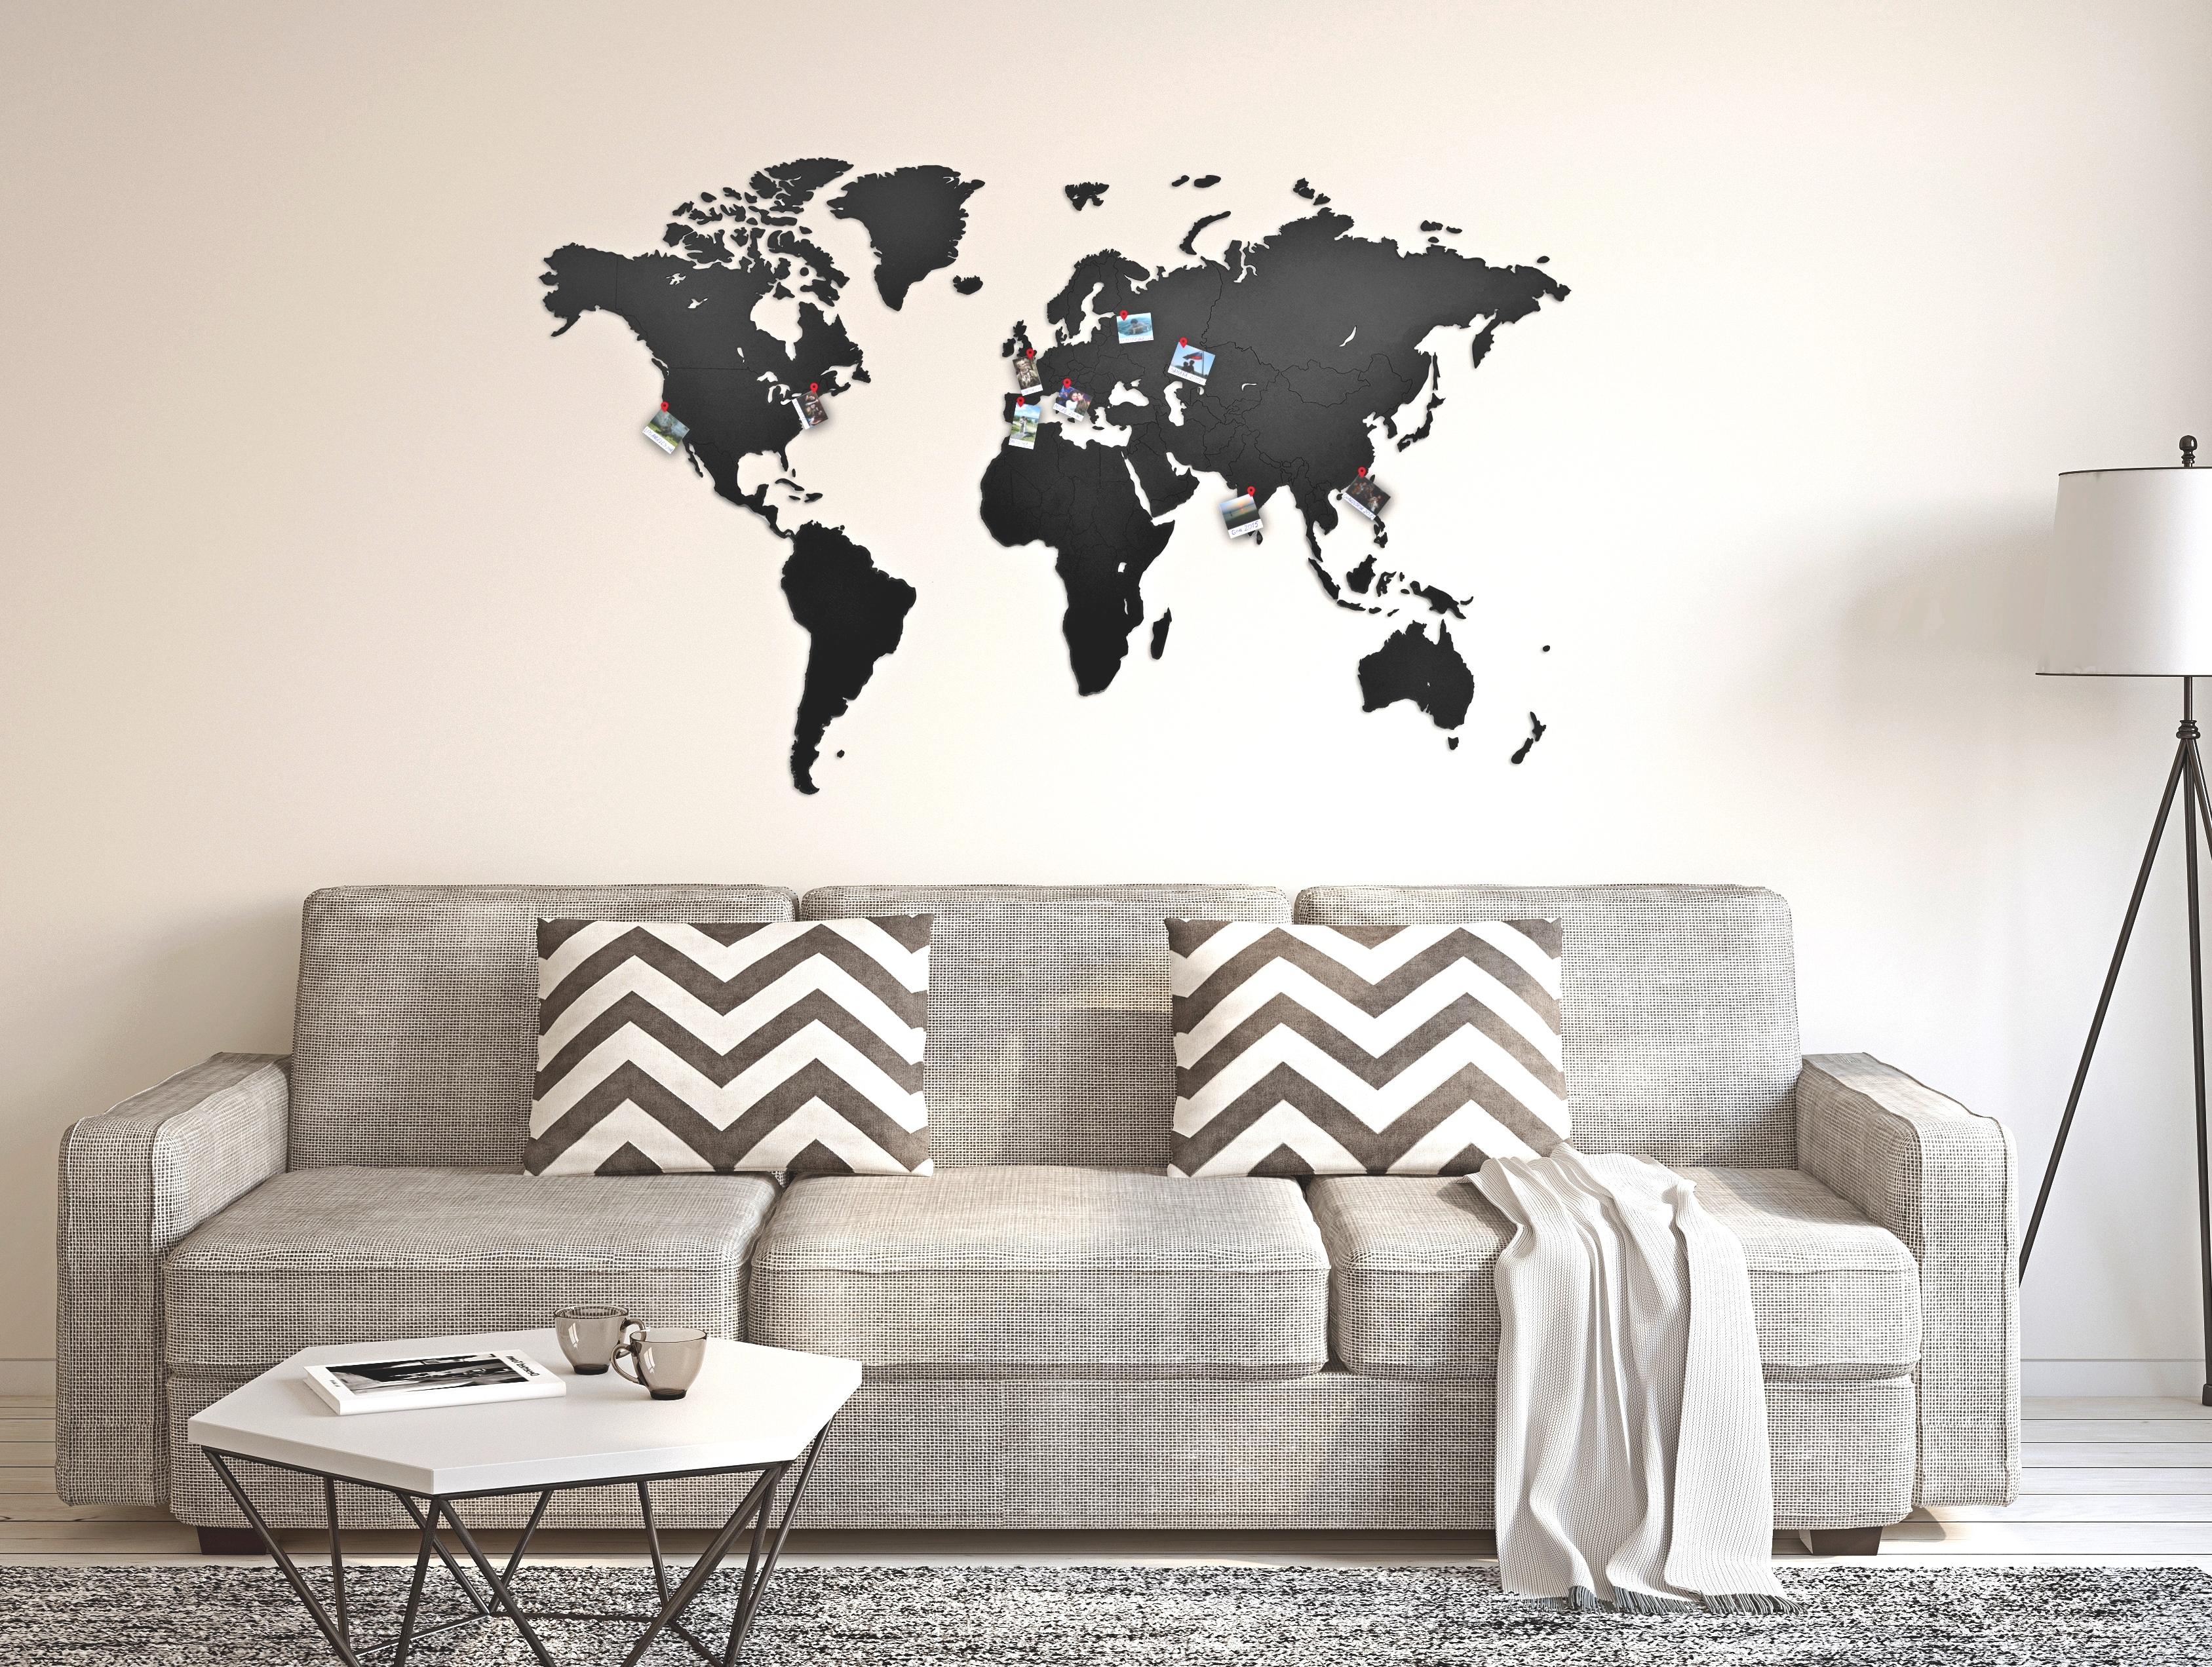 Cartina Del Mondo Da Parete.Mappa Del Mondo Da Parete In Legno Nero 130 X 78 Arridea